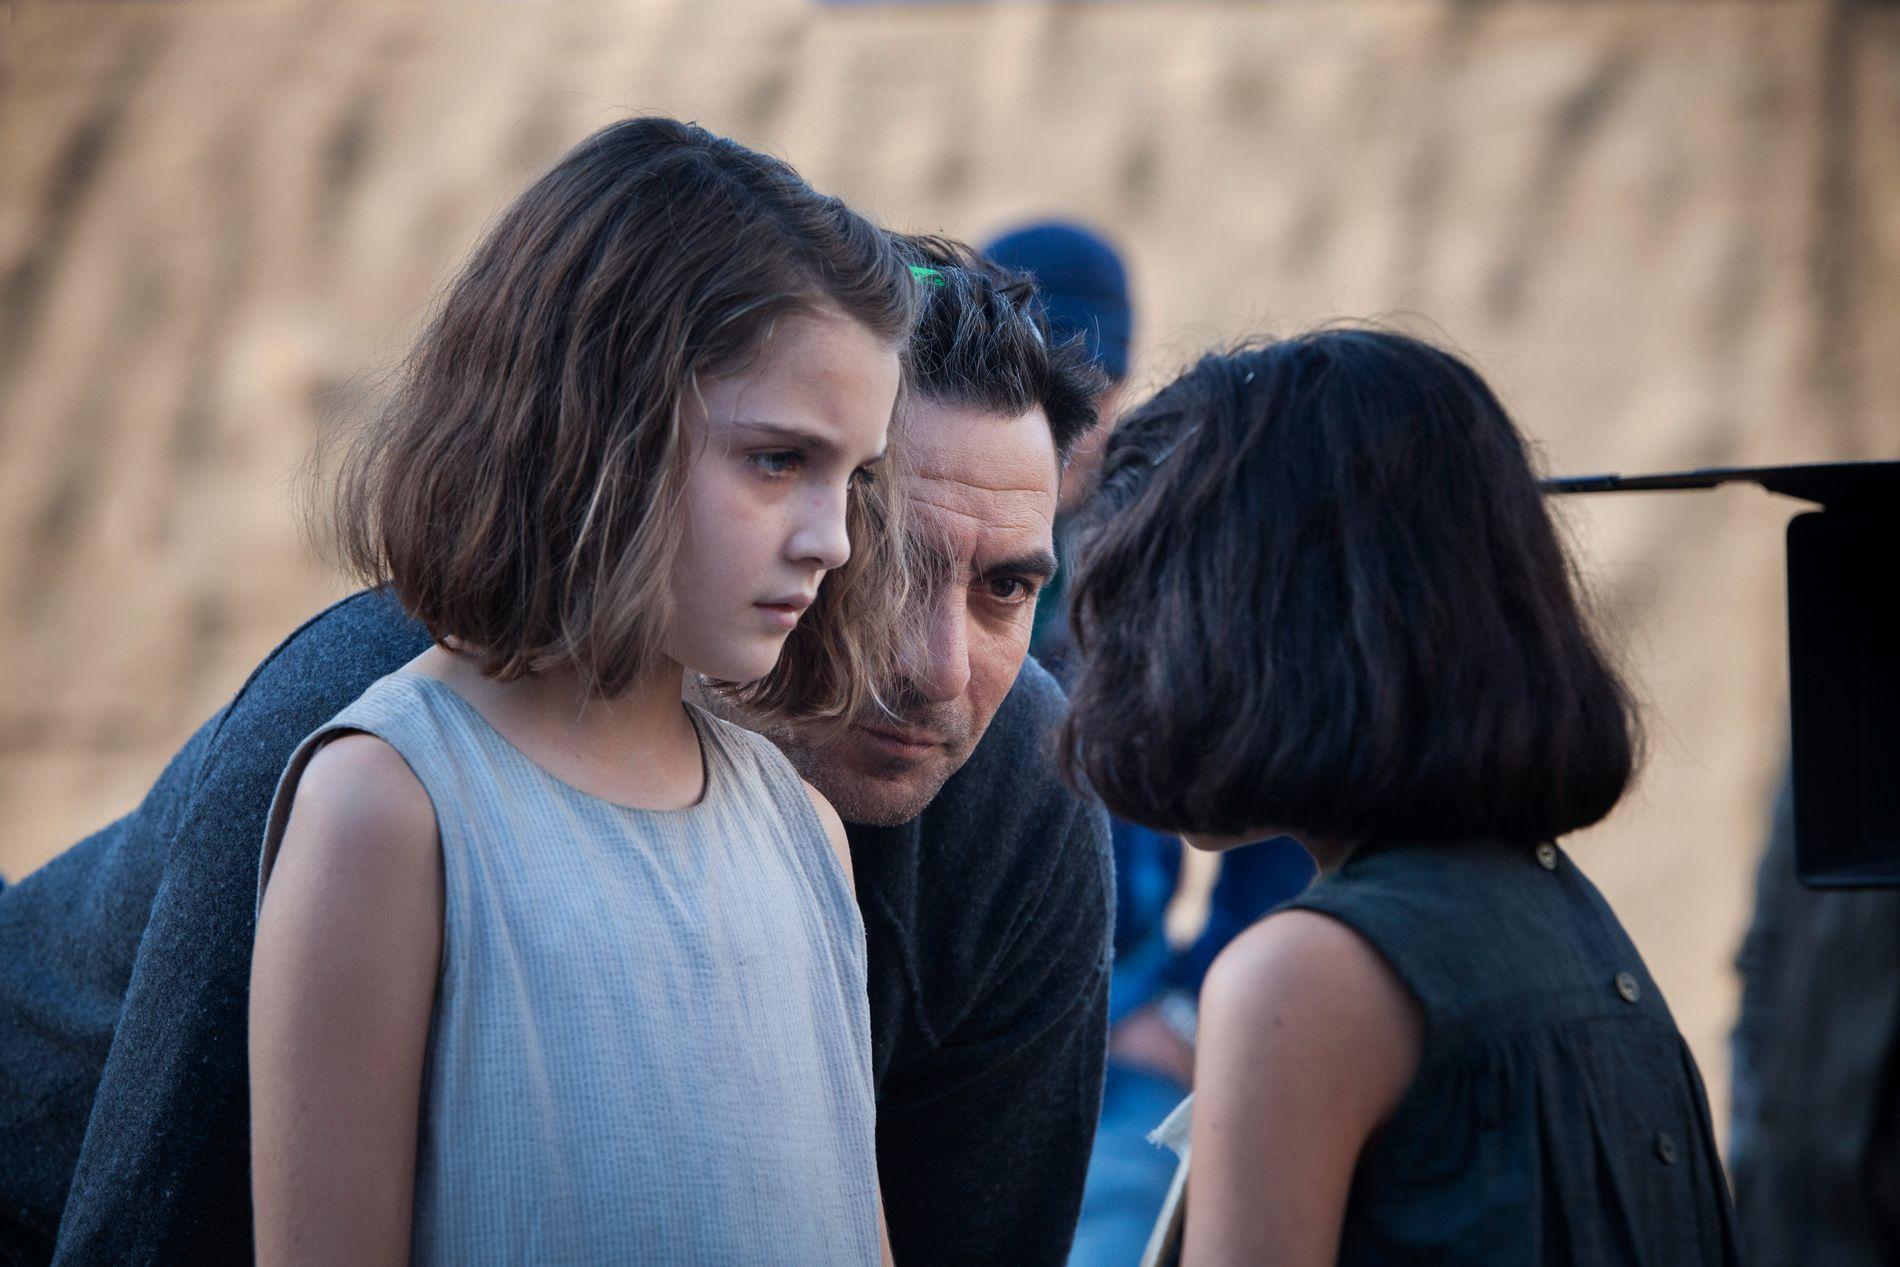 MYE FØLELSER: Regissør Saviero Costanzo instruerer Elisa og Ludovica. Han sier det handler mye om det som skjer på innsiden, ikke utsiden, og at de har gjort alt de kan for å fokusere på følelsene til Ferrantes karakterer.